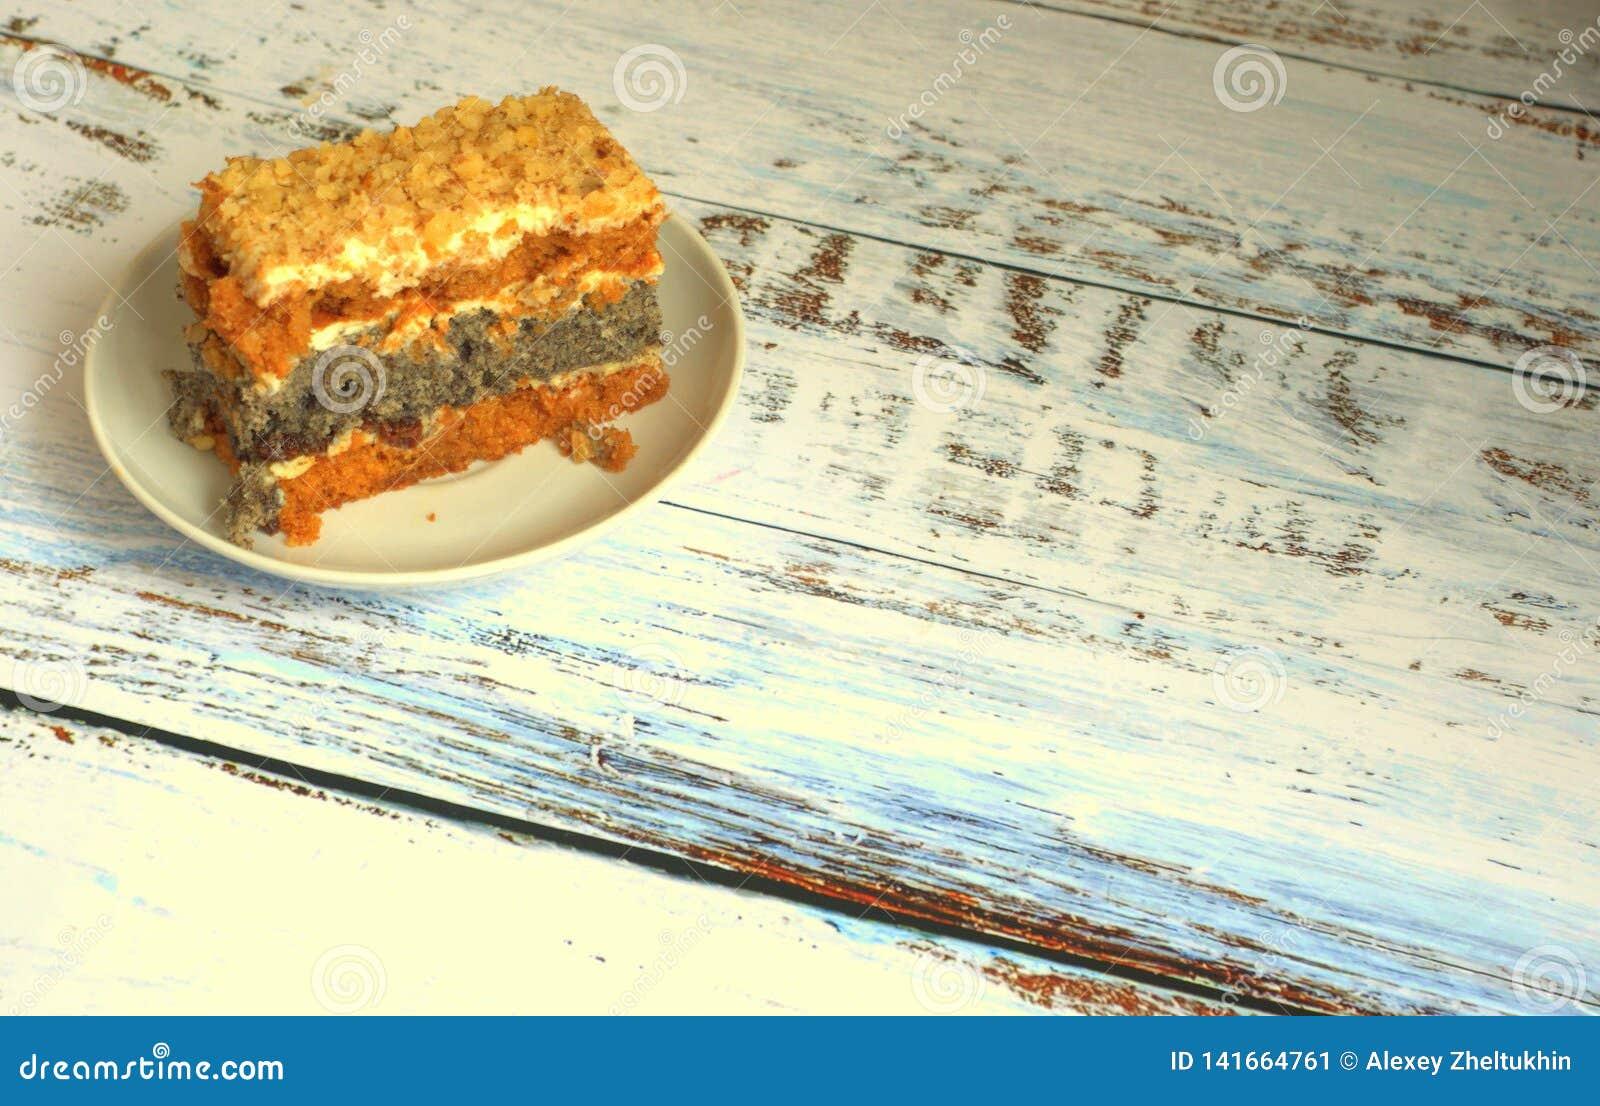 Το κέικ σφουγγαριών με τους σπόρους παπαρουνών σε ένα πιάτο βρίσκεται σε έναν ξύλινο πίνακα